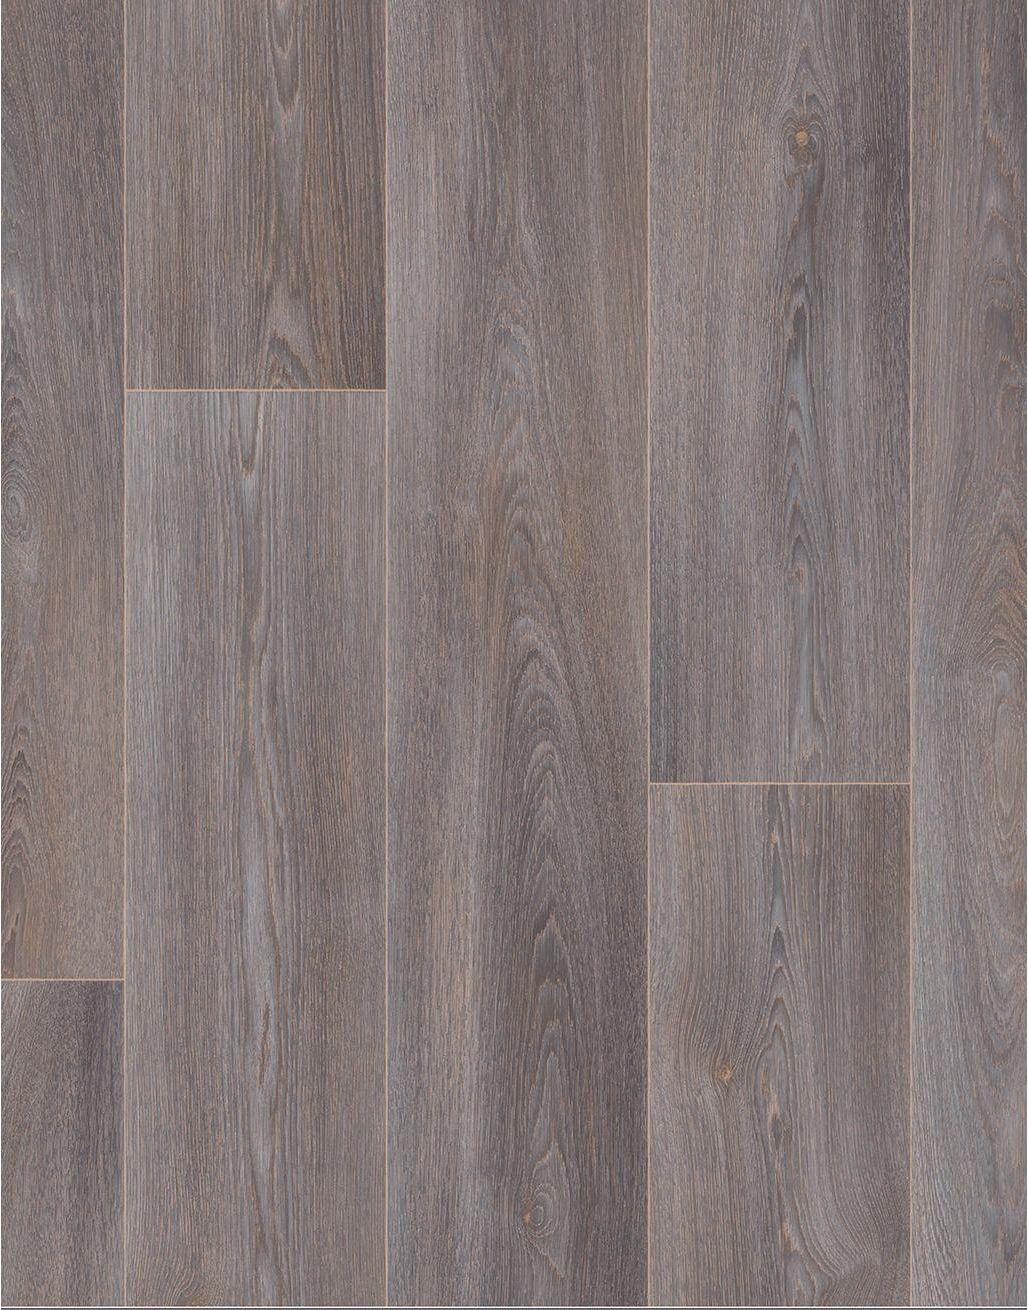 Denver Ravello Oak Flooring Super, Laminate Flooring Denver